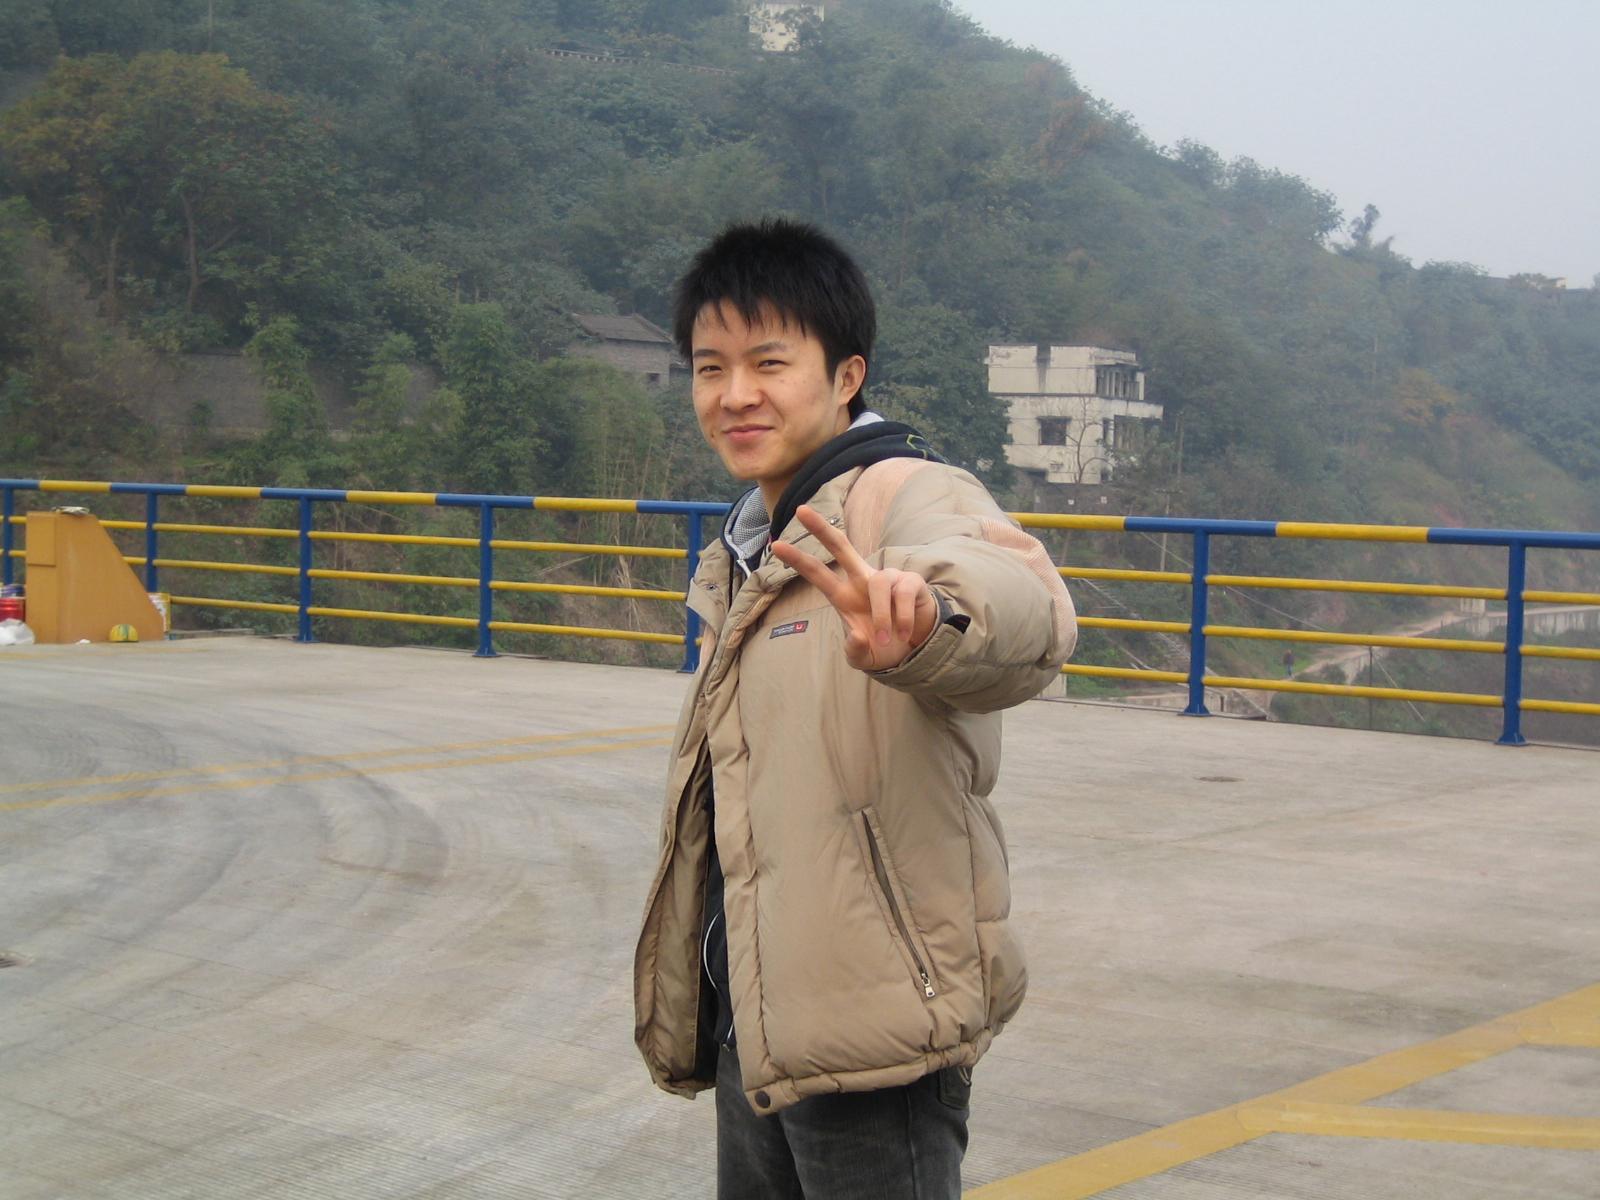 我的老大 我最好的朋友-刘刘之家